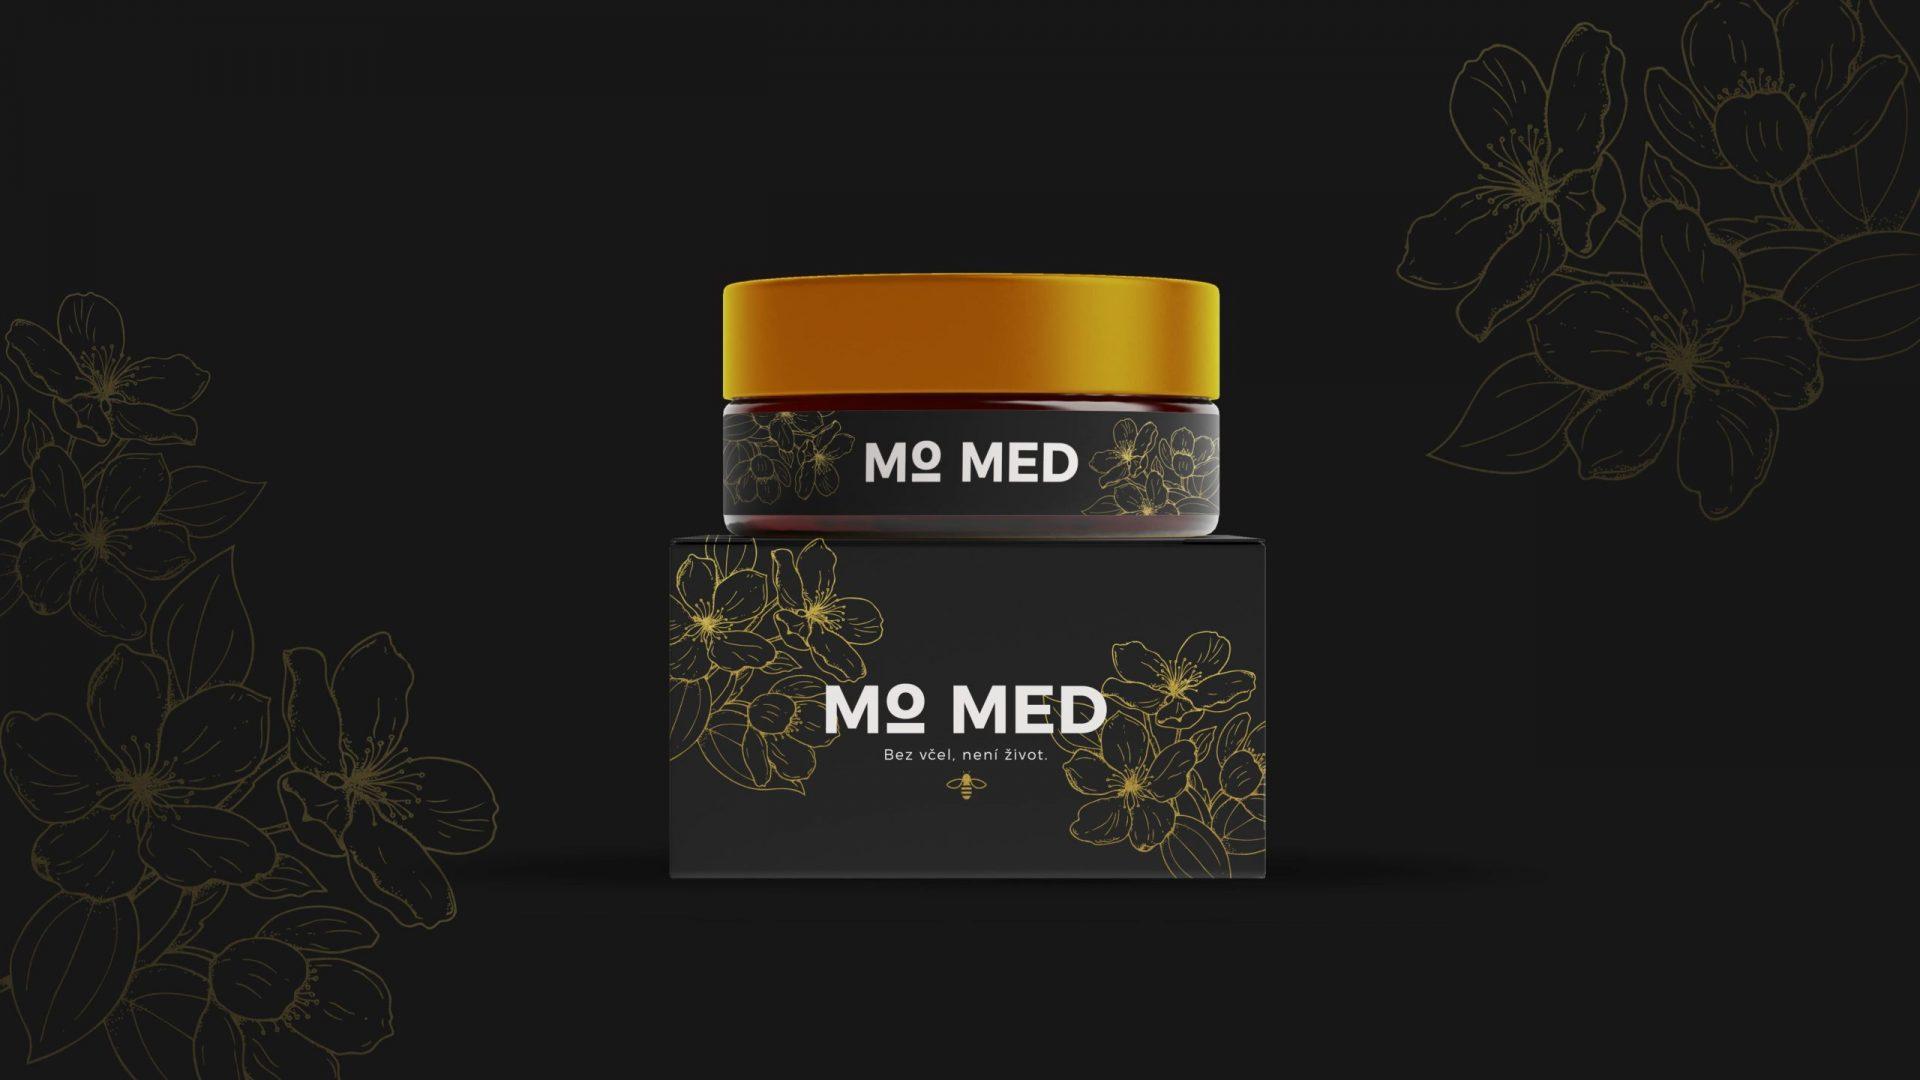 Mo-Med-min